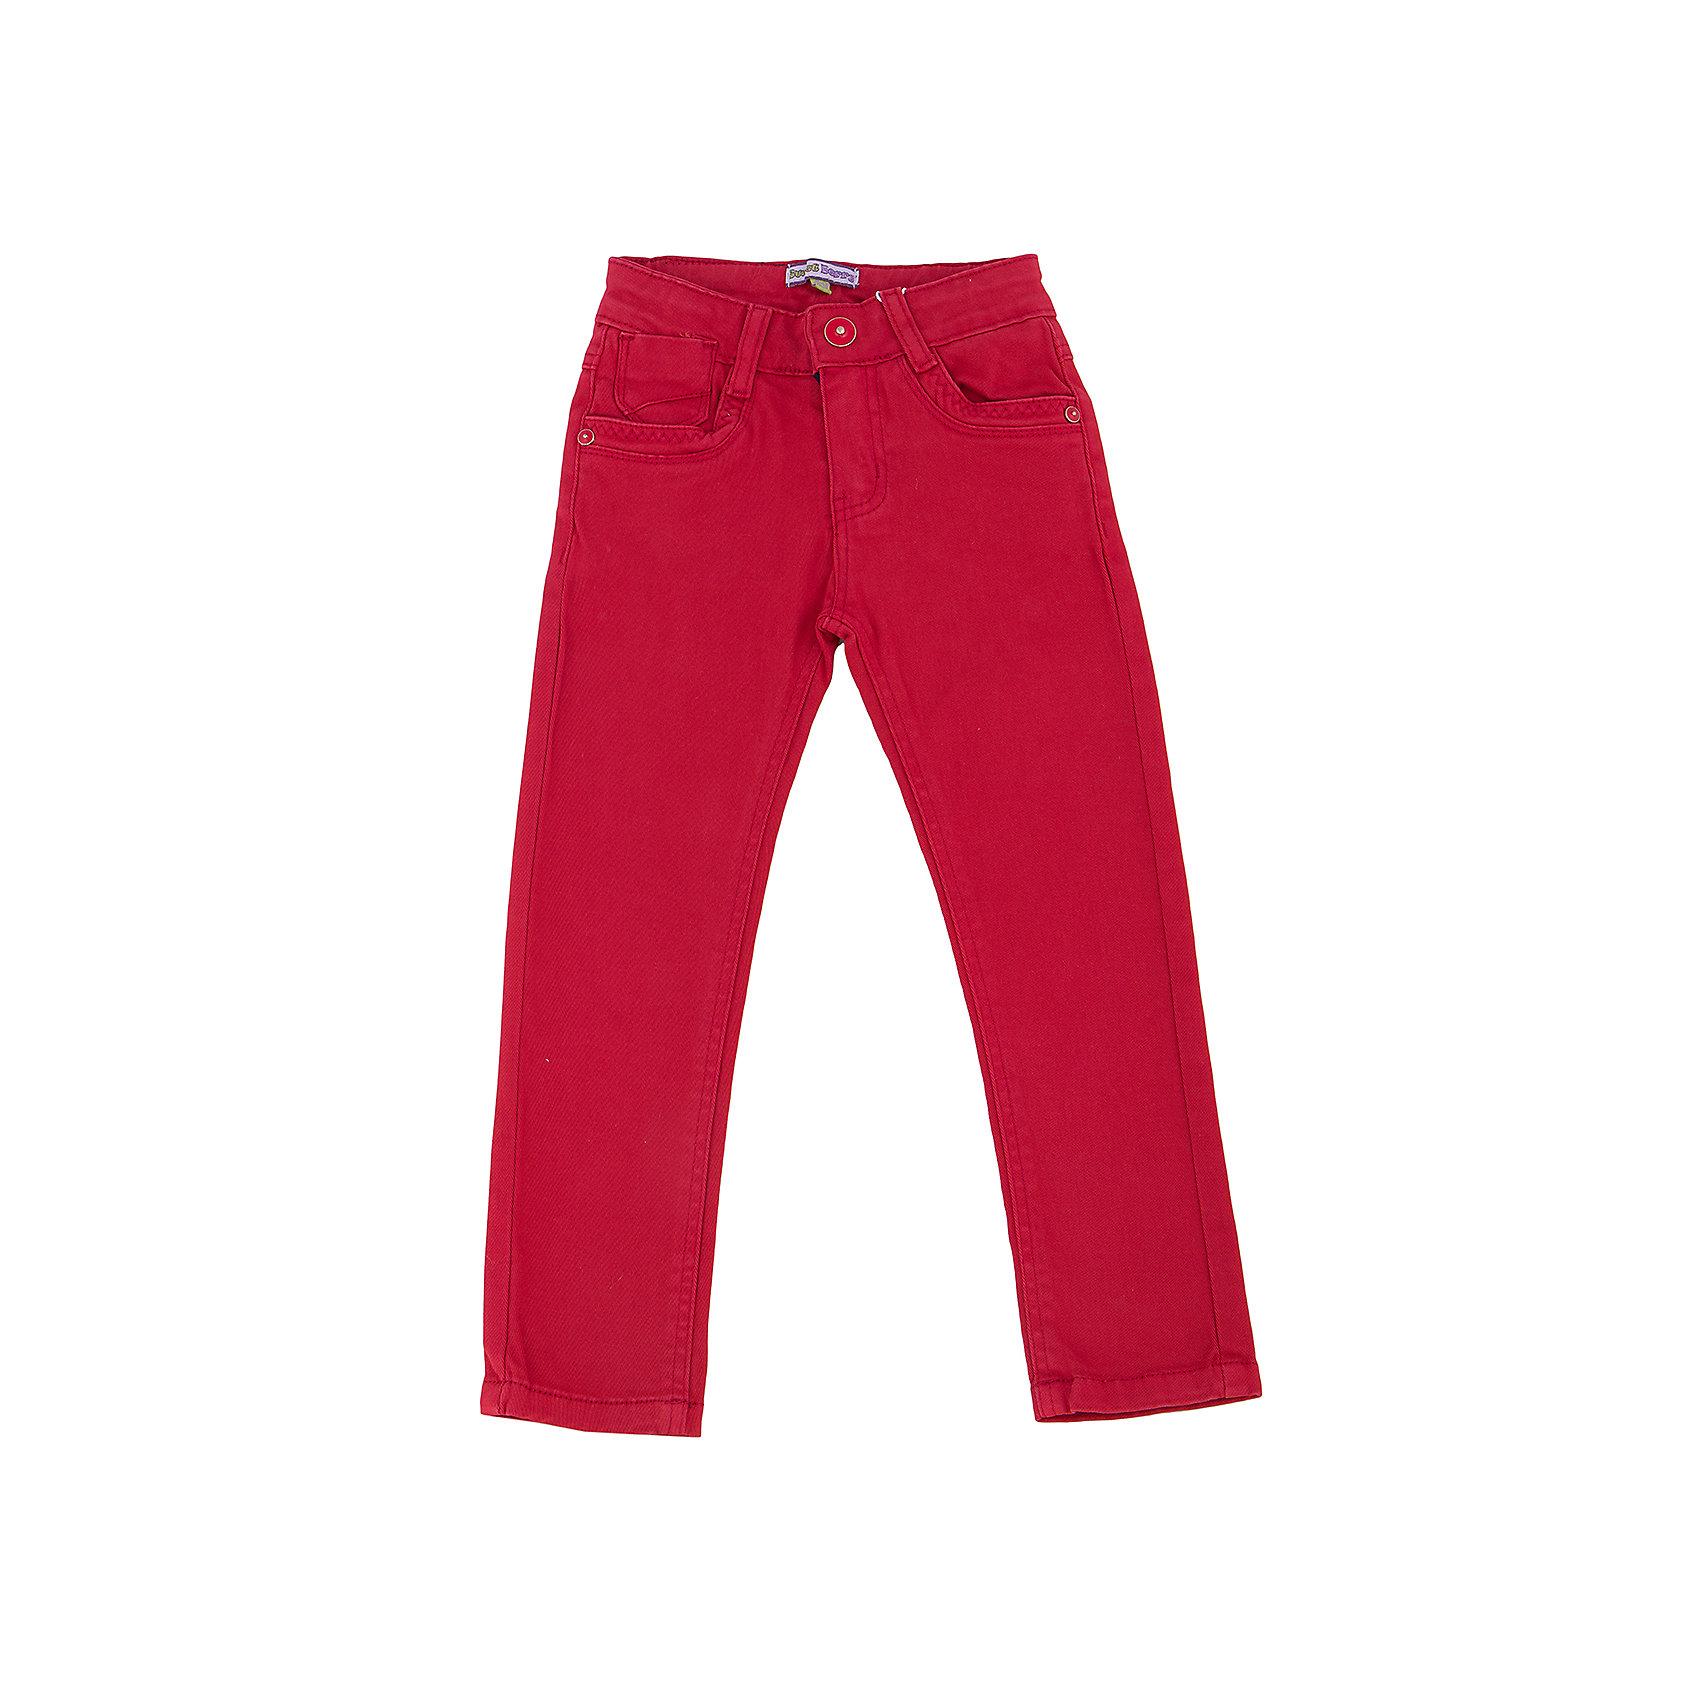 Брюки для девочки Sweet BerryБрюки<br>Такая модель брюк для девочки отличается модным дизайном и ярким цветом. Удачный крой обеспечит ребенку комфорт и тепло, удобный пояс с внутренней резинкой на пуговицах позволяет регулировать размер. Вещь плотно прилегает к телу там, где нужно, и отлично сидит по фигуре. Брюки станут отличной базовой вещью для гардероба. Натуральный хлопок в составе материала обеспечит коже возможность дышать и не вызовет аллергии.<br>Одежда от бренда Sweet Berry - это простой и выгодный способ одеть ребенка удобно и стильно. Всё изделия тщательно проработаны: швы - прочные, материал - качественный, фурнитура - подобранная специально для детей. <br><br>Дополнительная информация:<br><br>цвет: красный;<br>пояс регулируется внутренней резинкой на пуговицах;<br>материал: 98% хлопок, 2% эластан;<br>застежка на пуговицу и молнию.<br><br>Брюки для девочки от бренда Sweet Berry можно купить в нашем интернет-магазине.<br><br>Ширина мм: 215<br>Глубина мм: 88<br>Высота мм: 191<br>Вес г: 336<br>Цвет: красный<br>Возраст от месяцев: 84<br>Возраст до месяцев: 96<br>Пол: Женский<br>Возраст: Детский<br>Размер: 128,98,104,110,116,122<br>SKU: 4931518